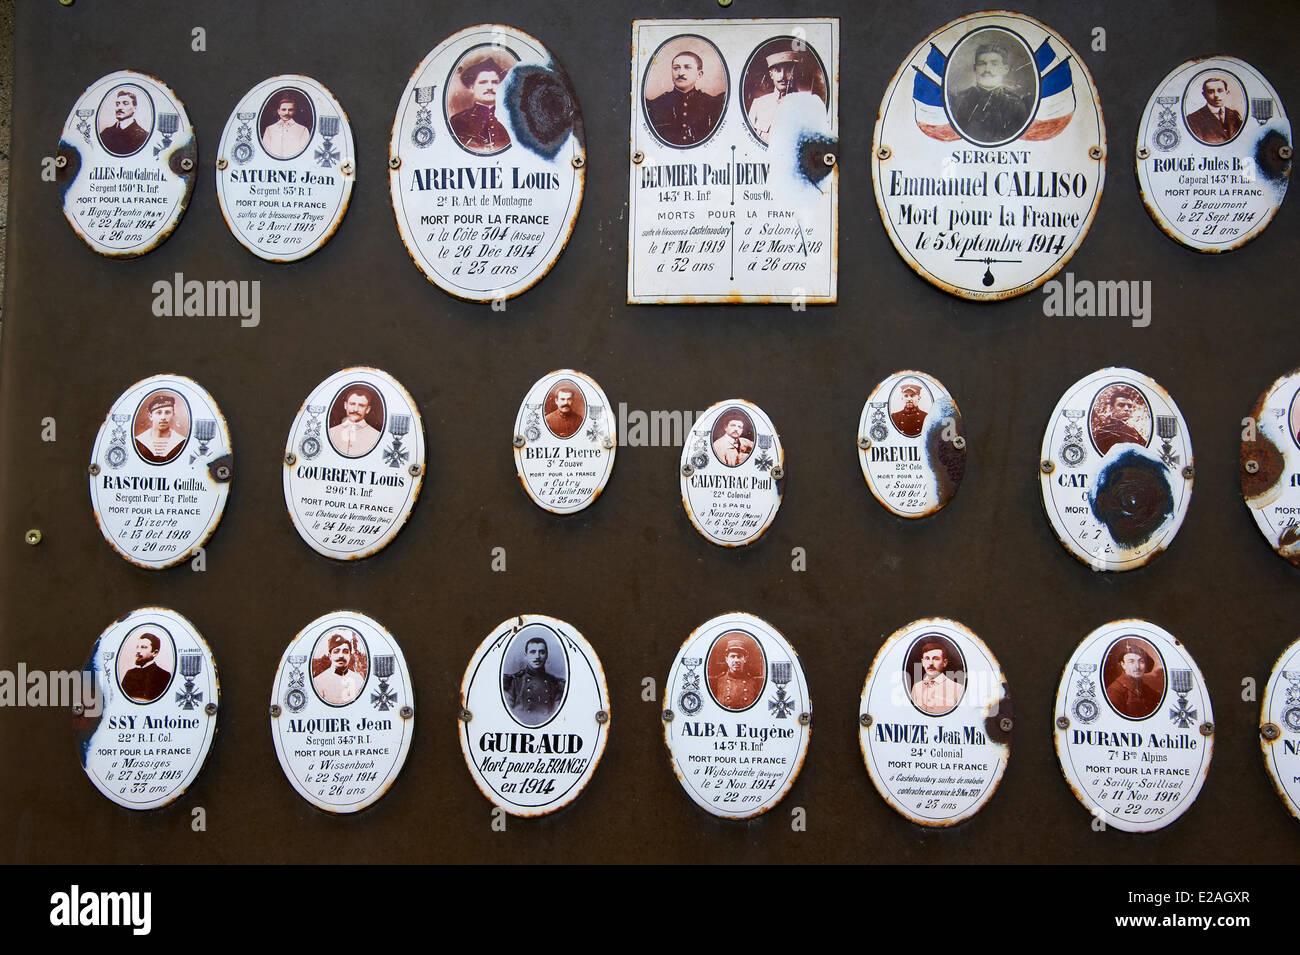 Francia, Aude, Castelnaudary, 14 18 monumento a las víctimas de la guerra Imagen De Stock